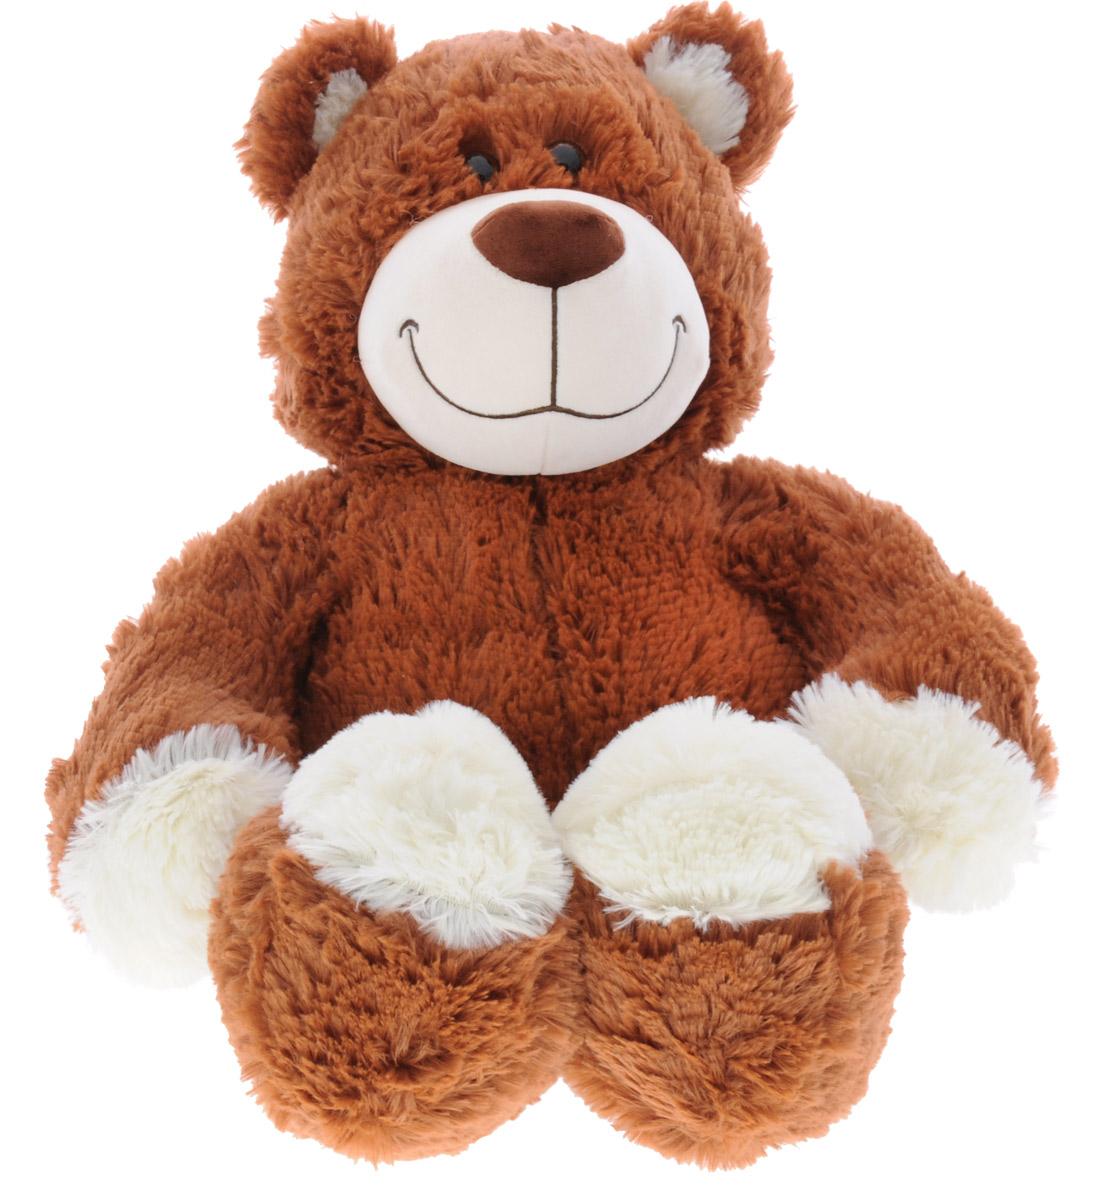 СмолТойс Мягкая игрушка Медвежонок 65 см forex b016 6790 b